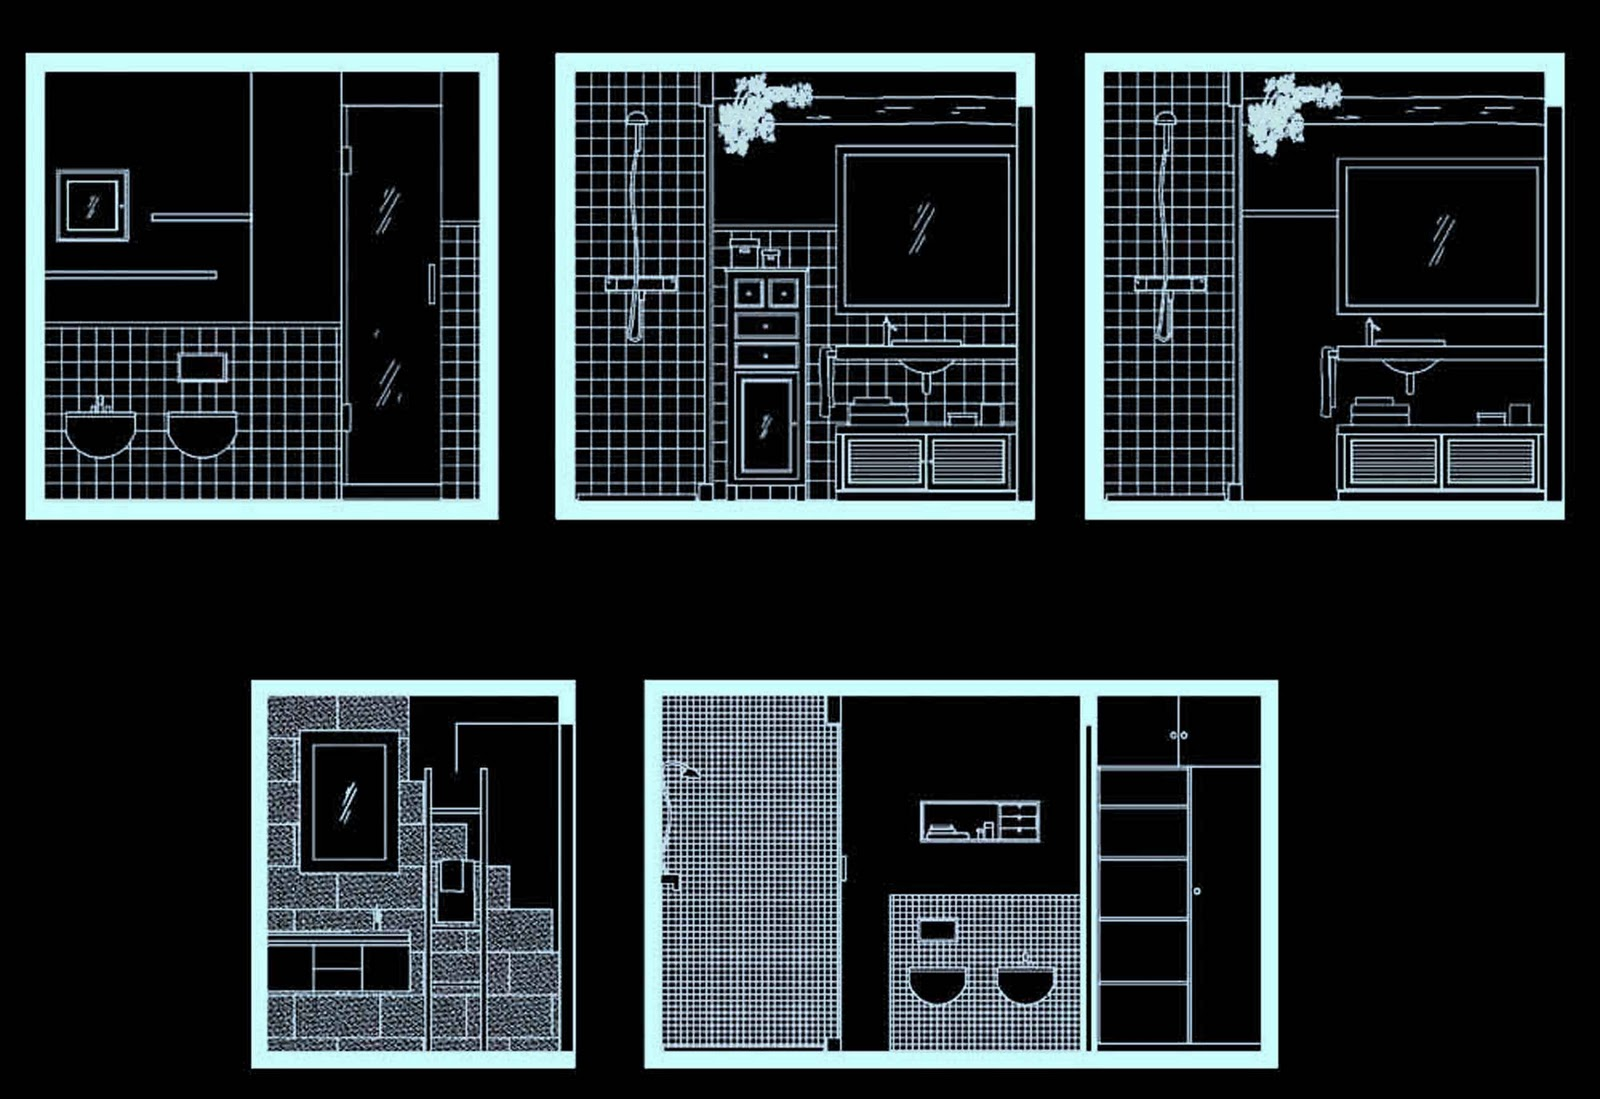 interiores arquitectonicos: